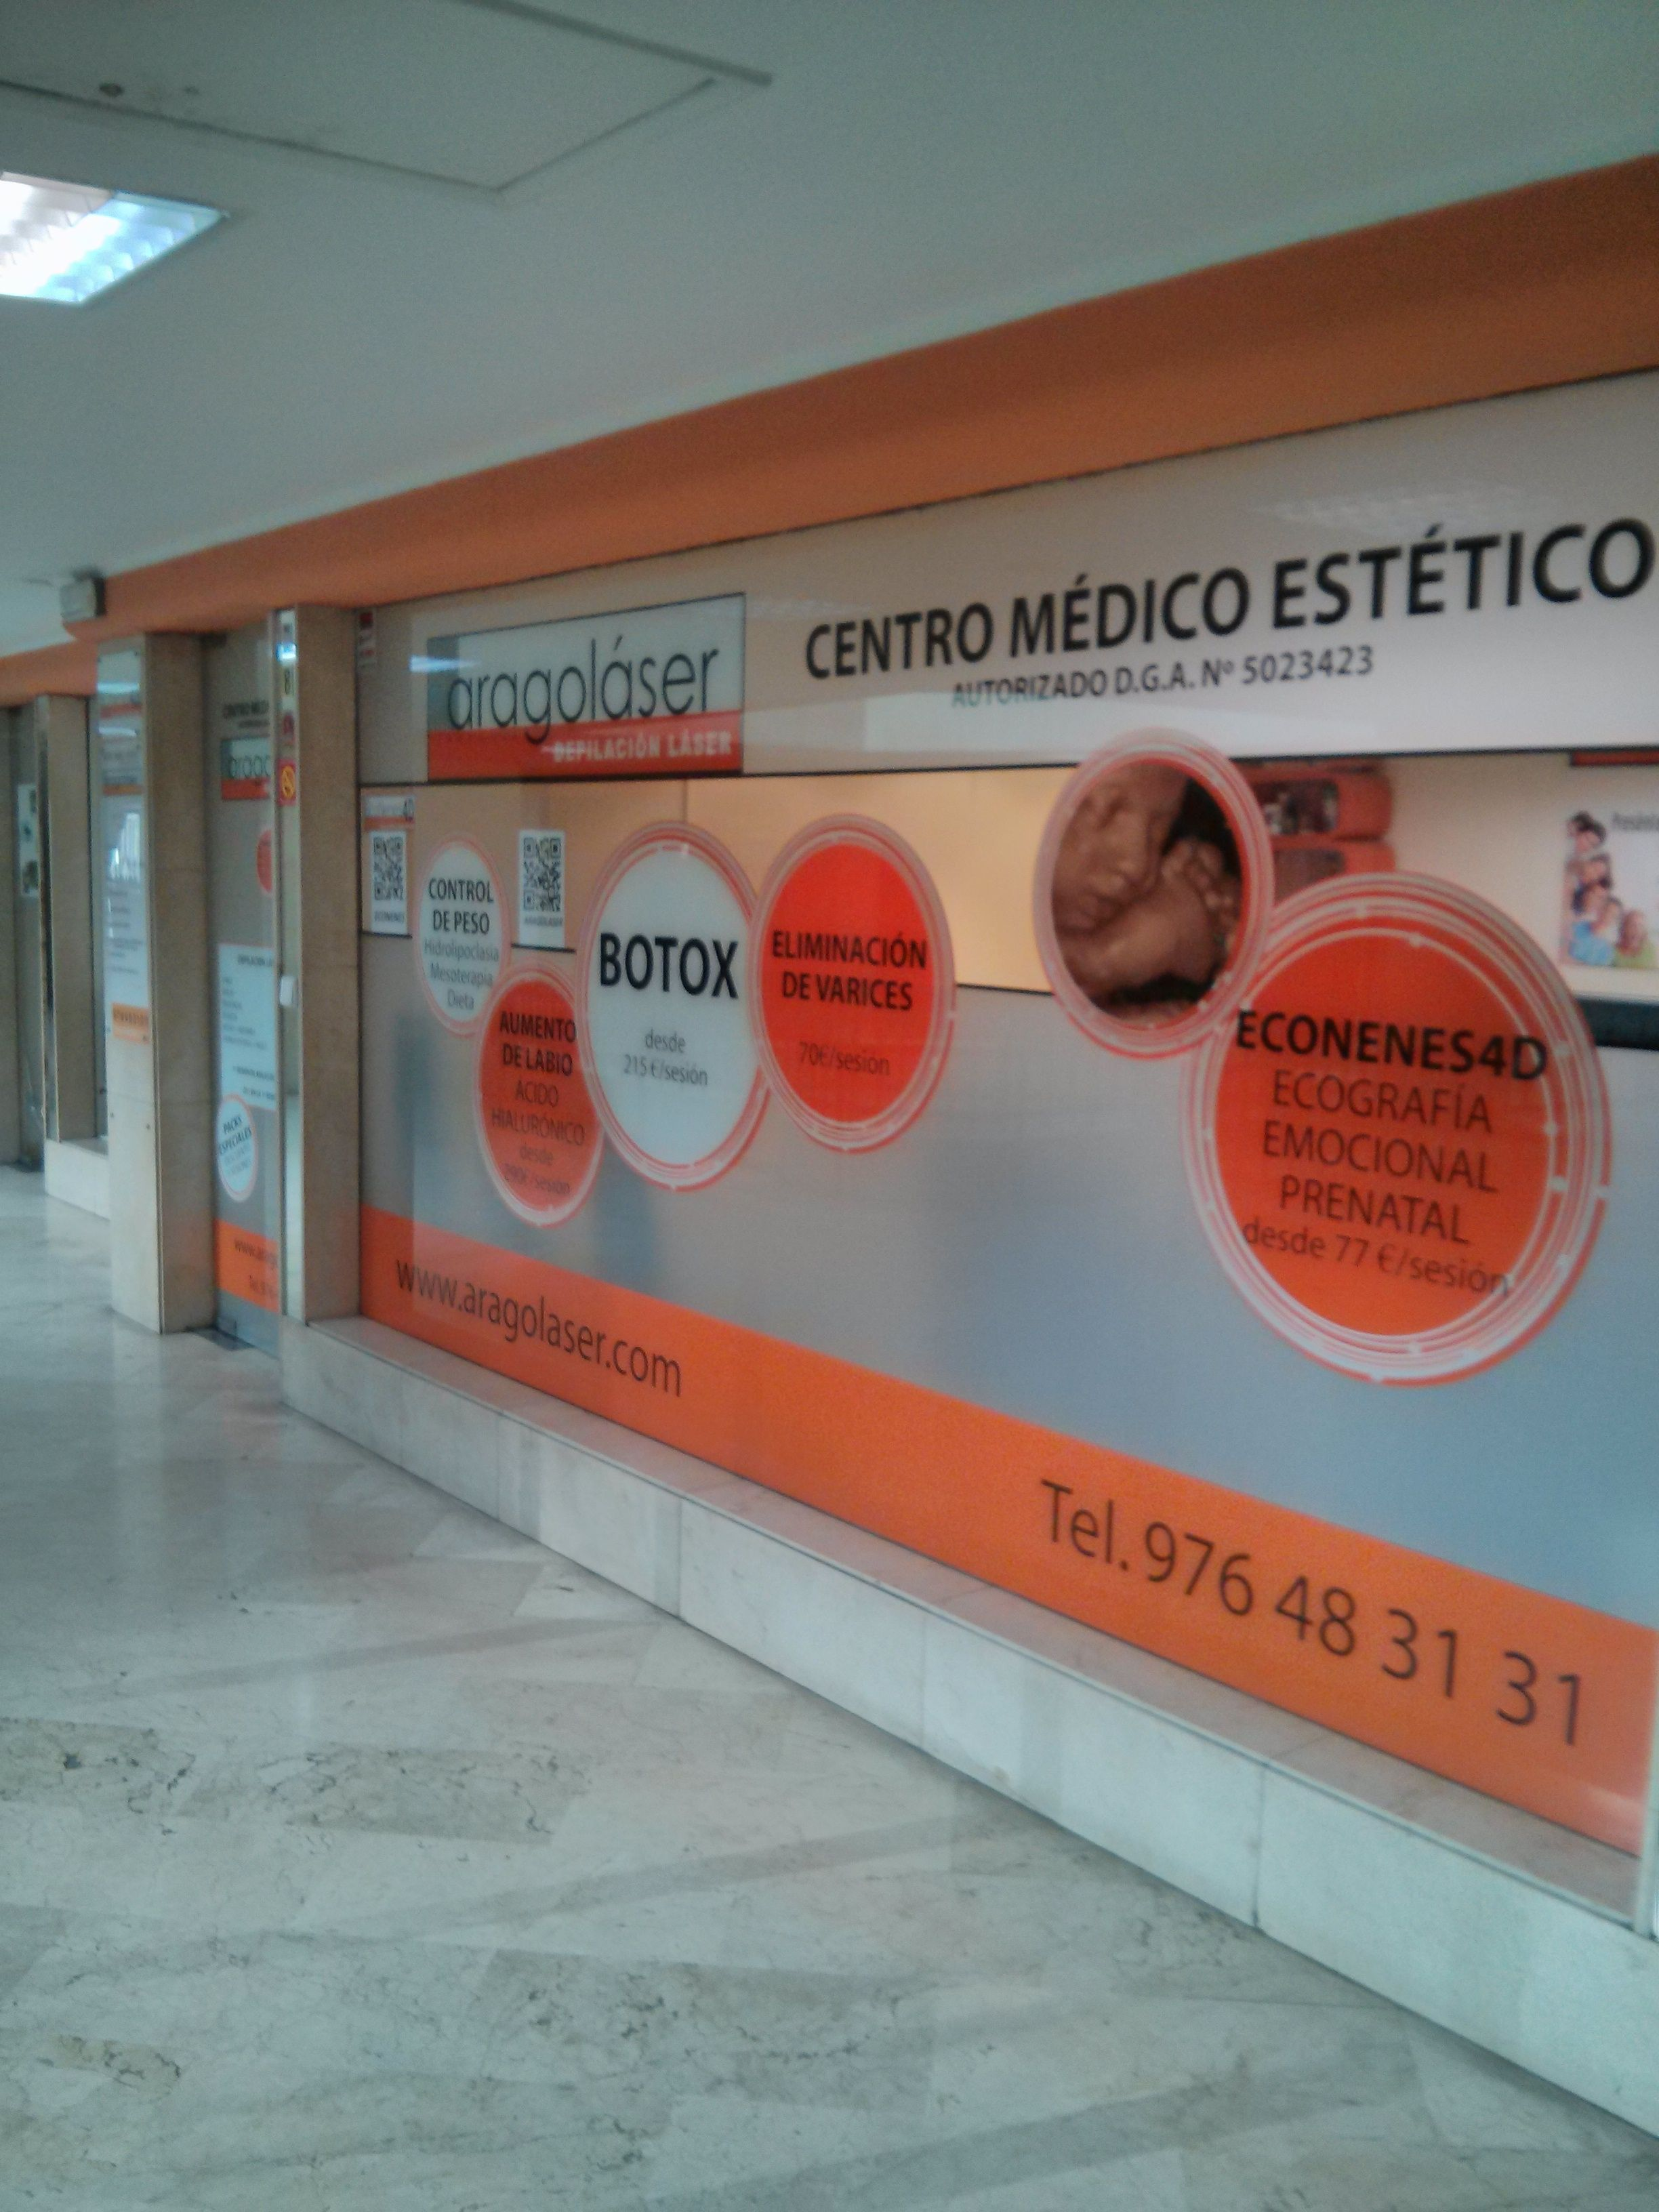 Ecografías 4D en Zaragoza